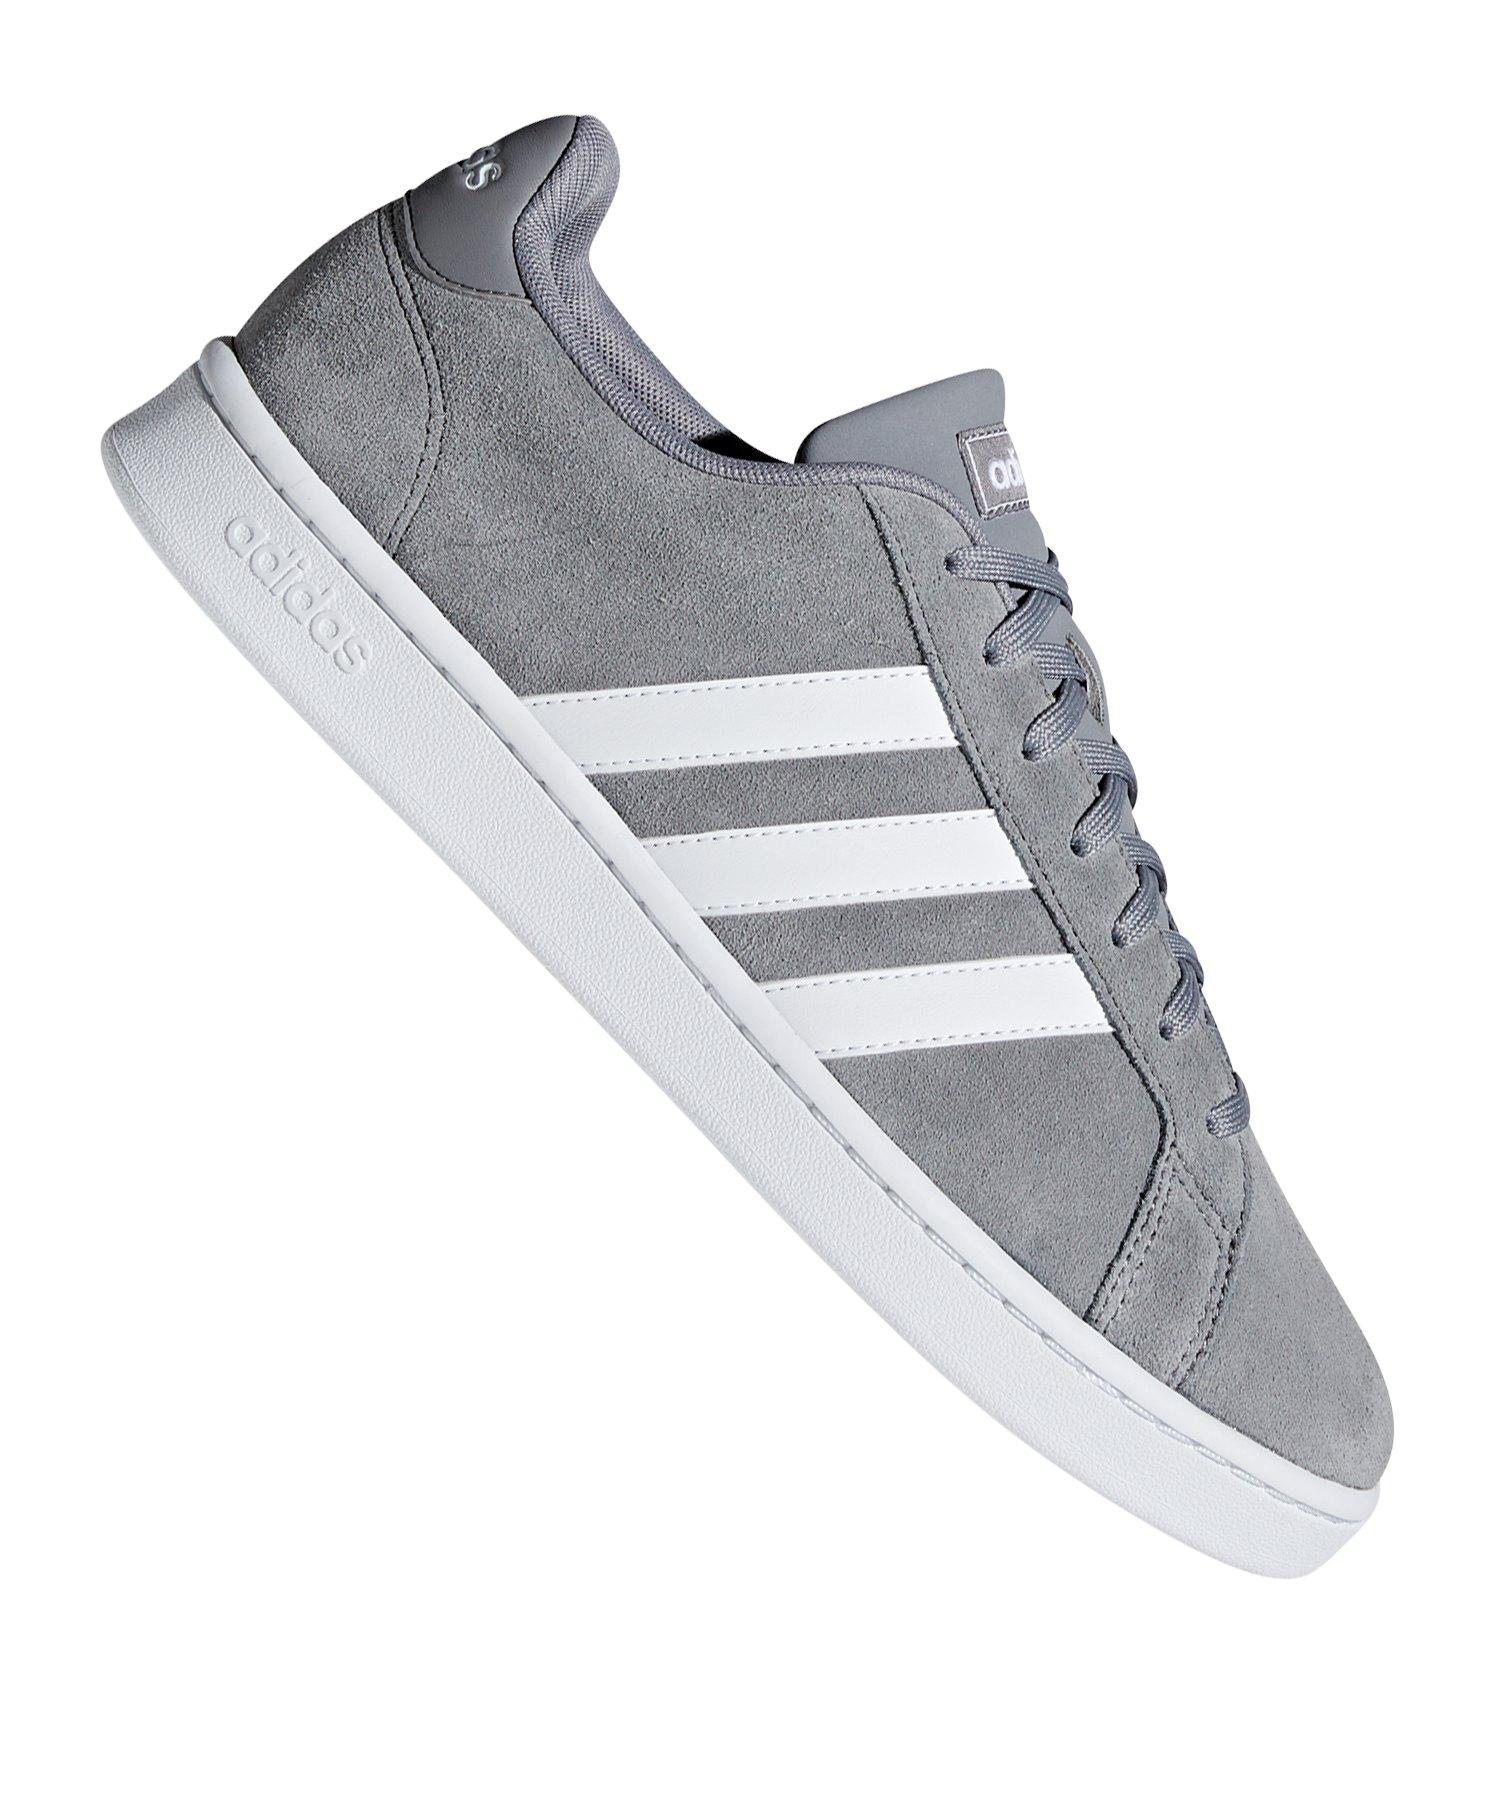 modiche sneaker adidas und nike herren